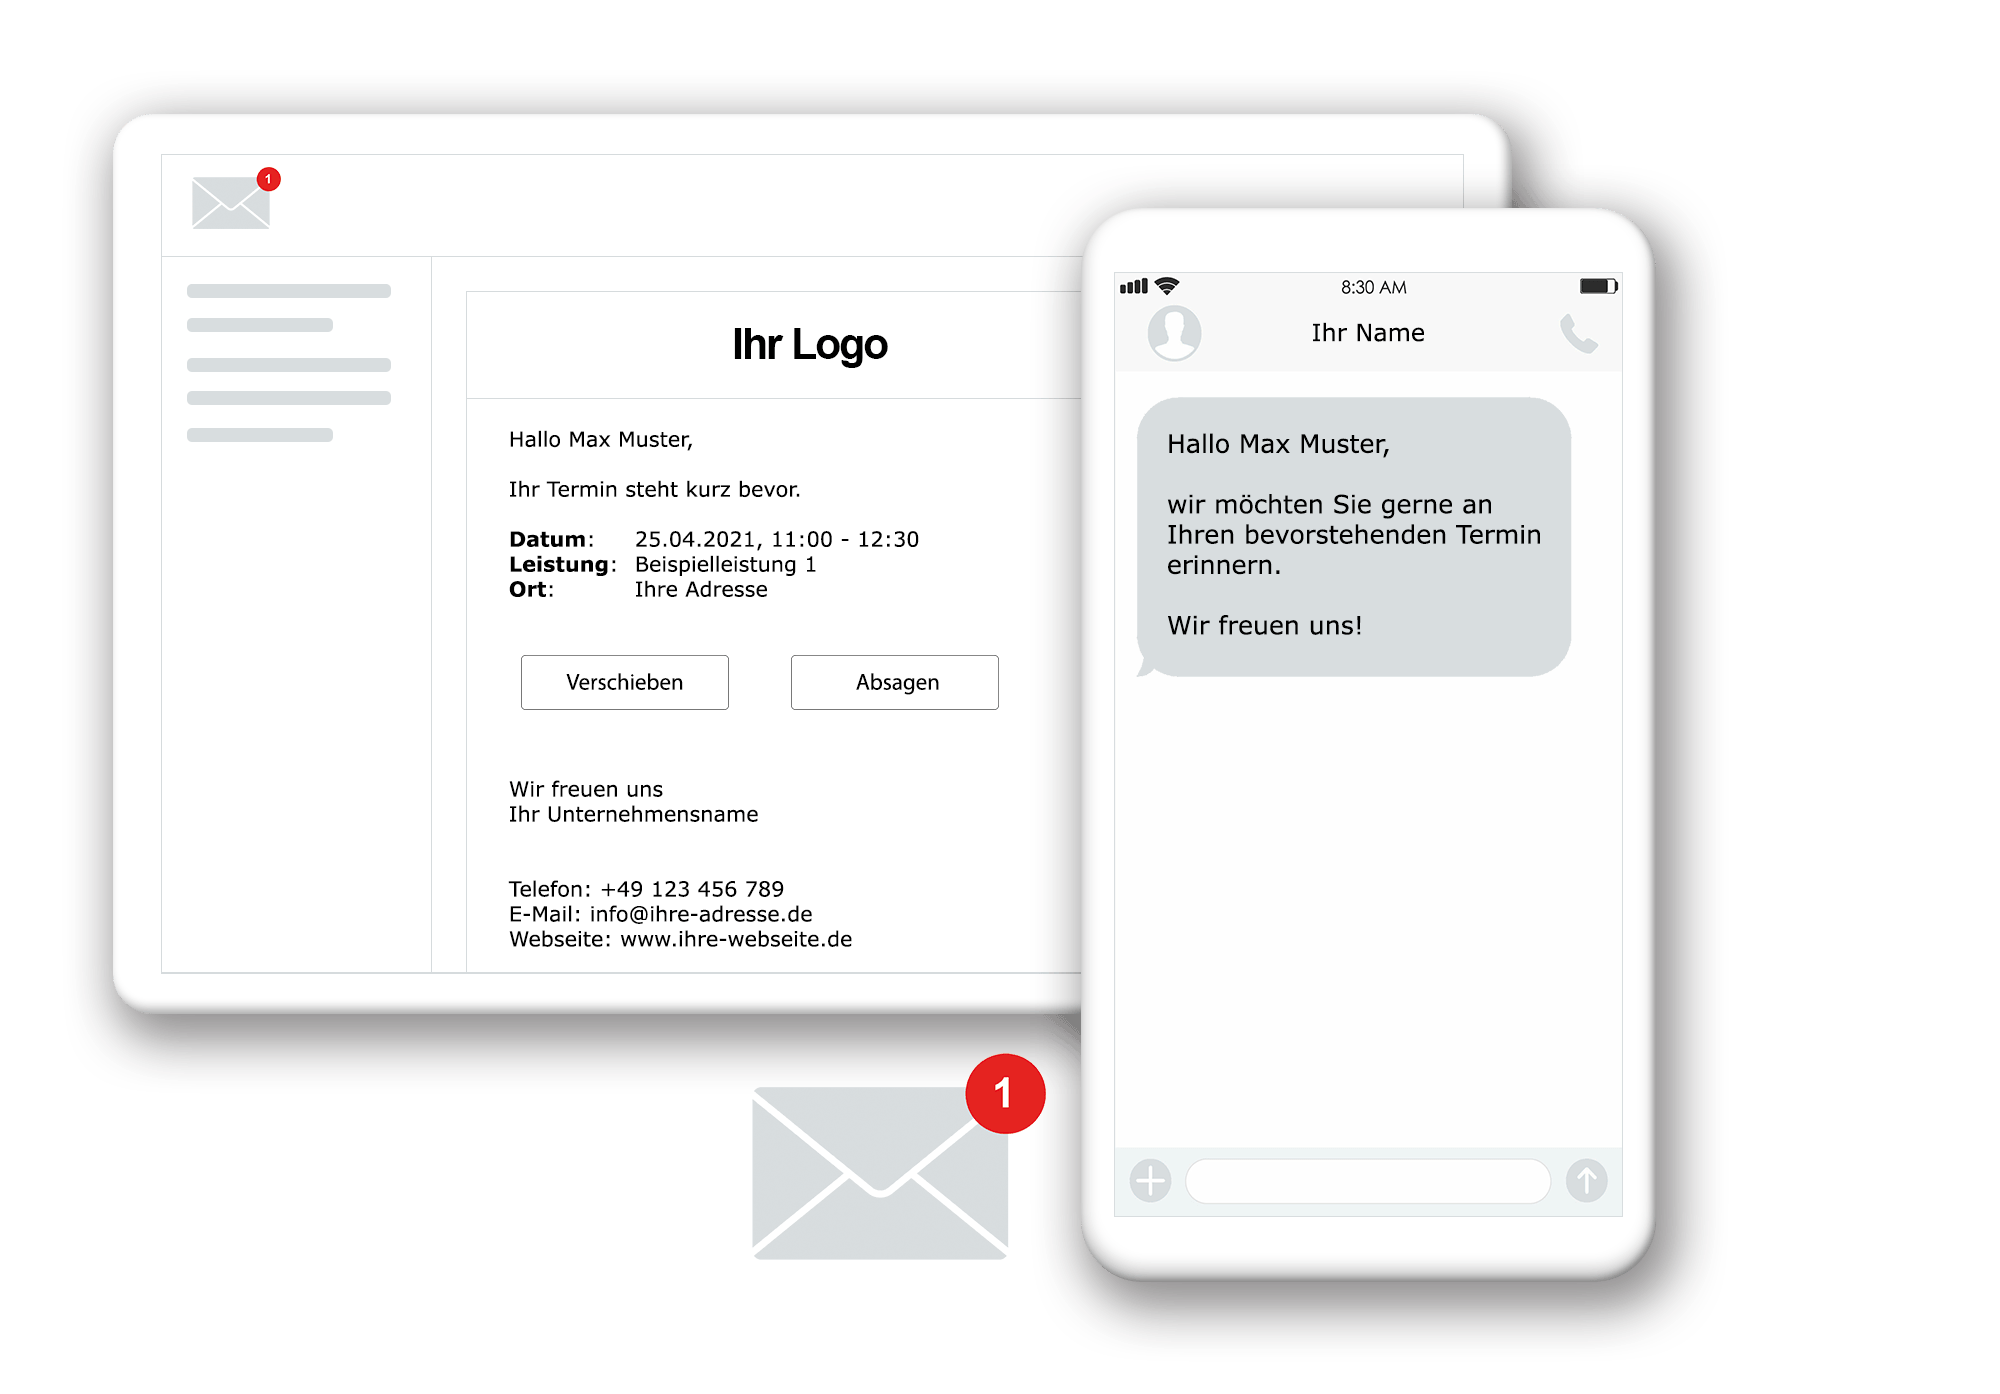 Automatische Terminerinnerung per SMS